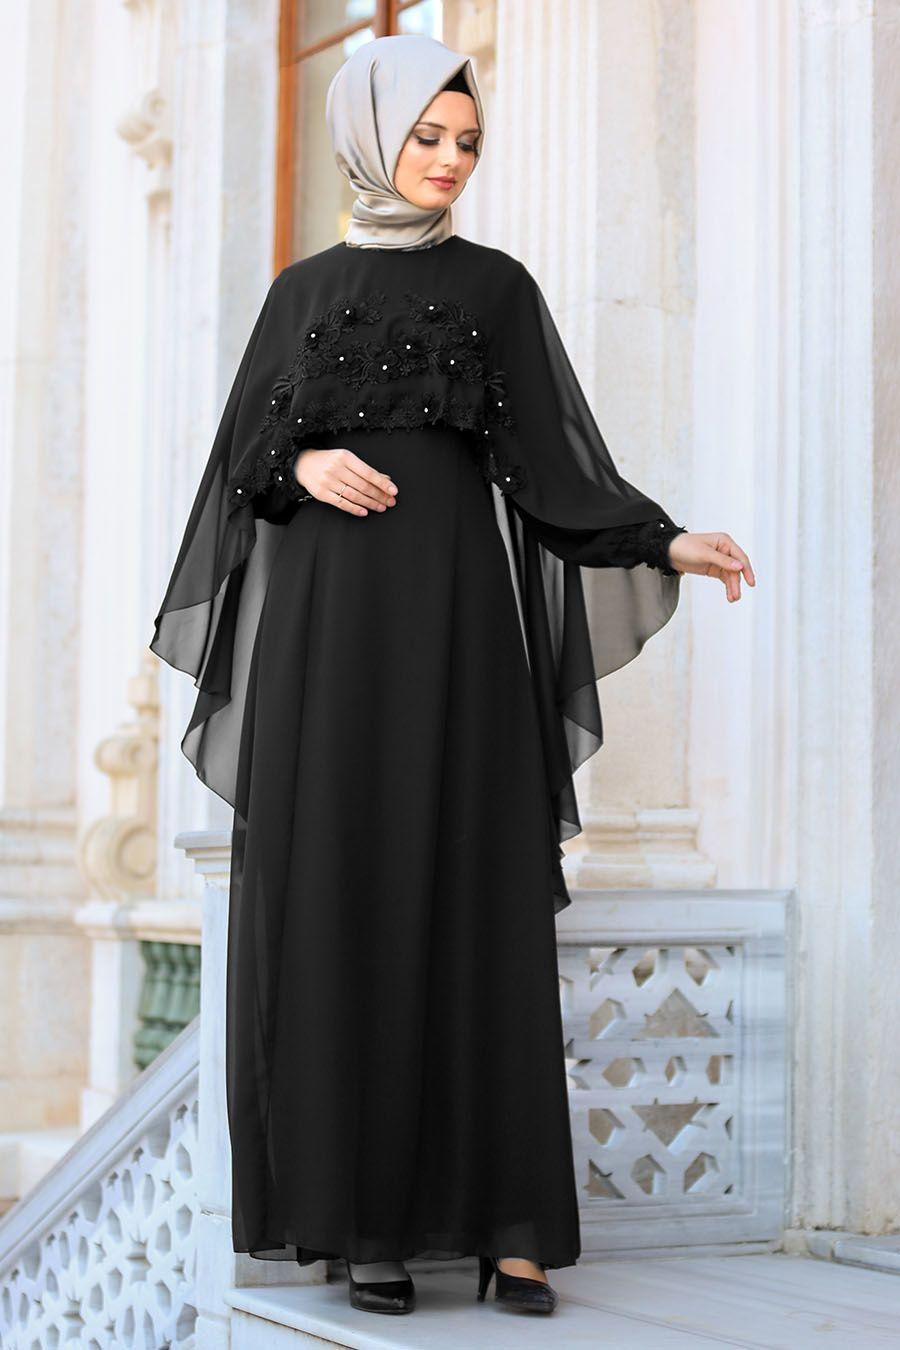 Neva Style Cicek Detayli Siyah Tesettur Abiye Elbise 25661s Tesetturisland Tesettur Tesetturelbise Tesetturgiyi Aksamustu Giysileri The Dress Siyah Abiye